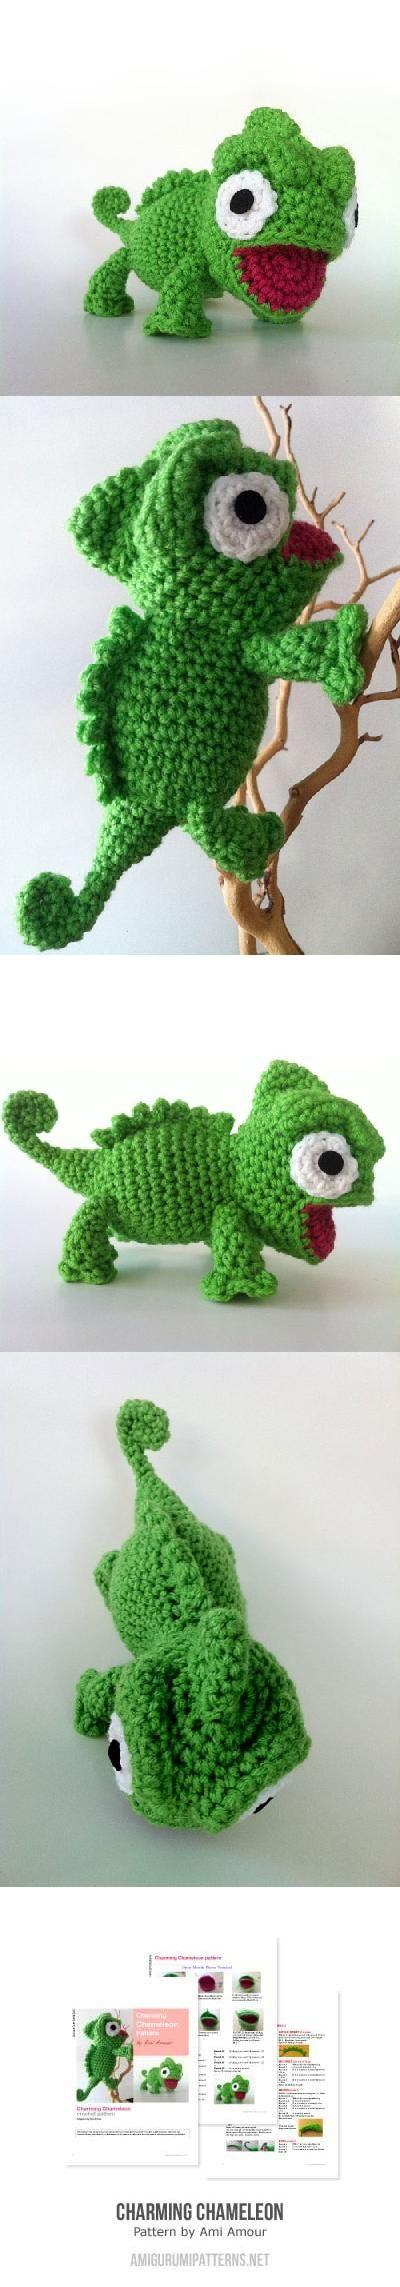 Charming Chameleon Found at Amigurumipatterns.net